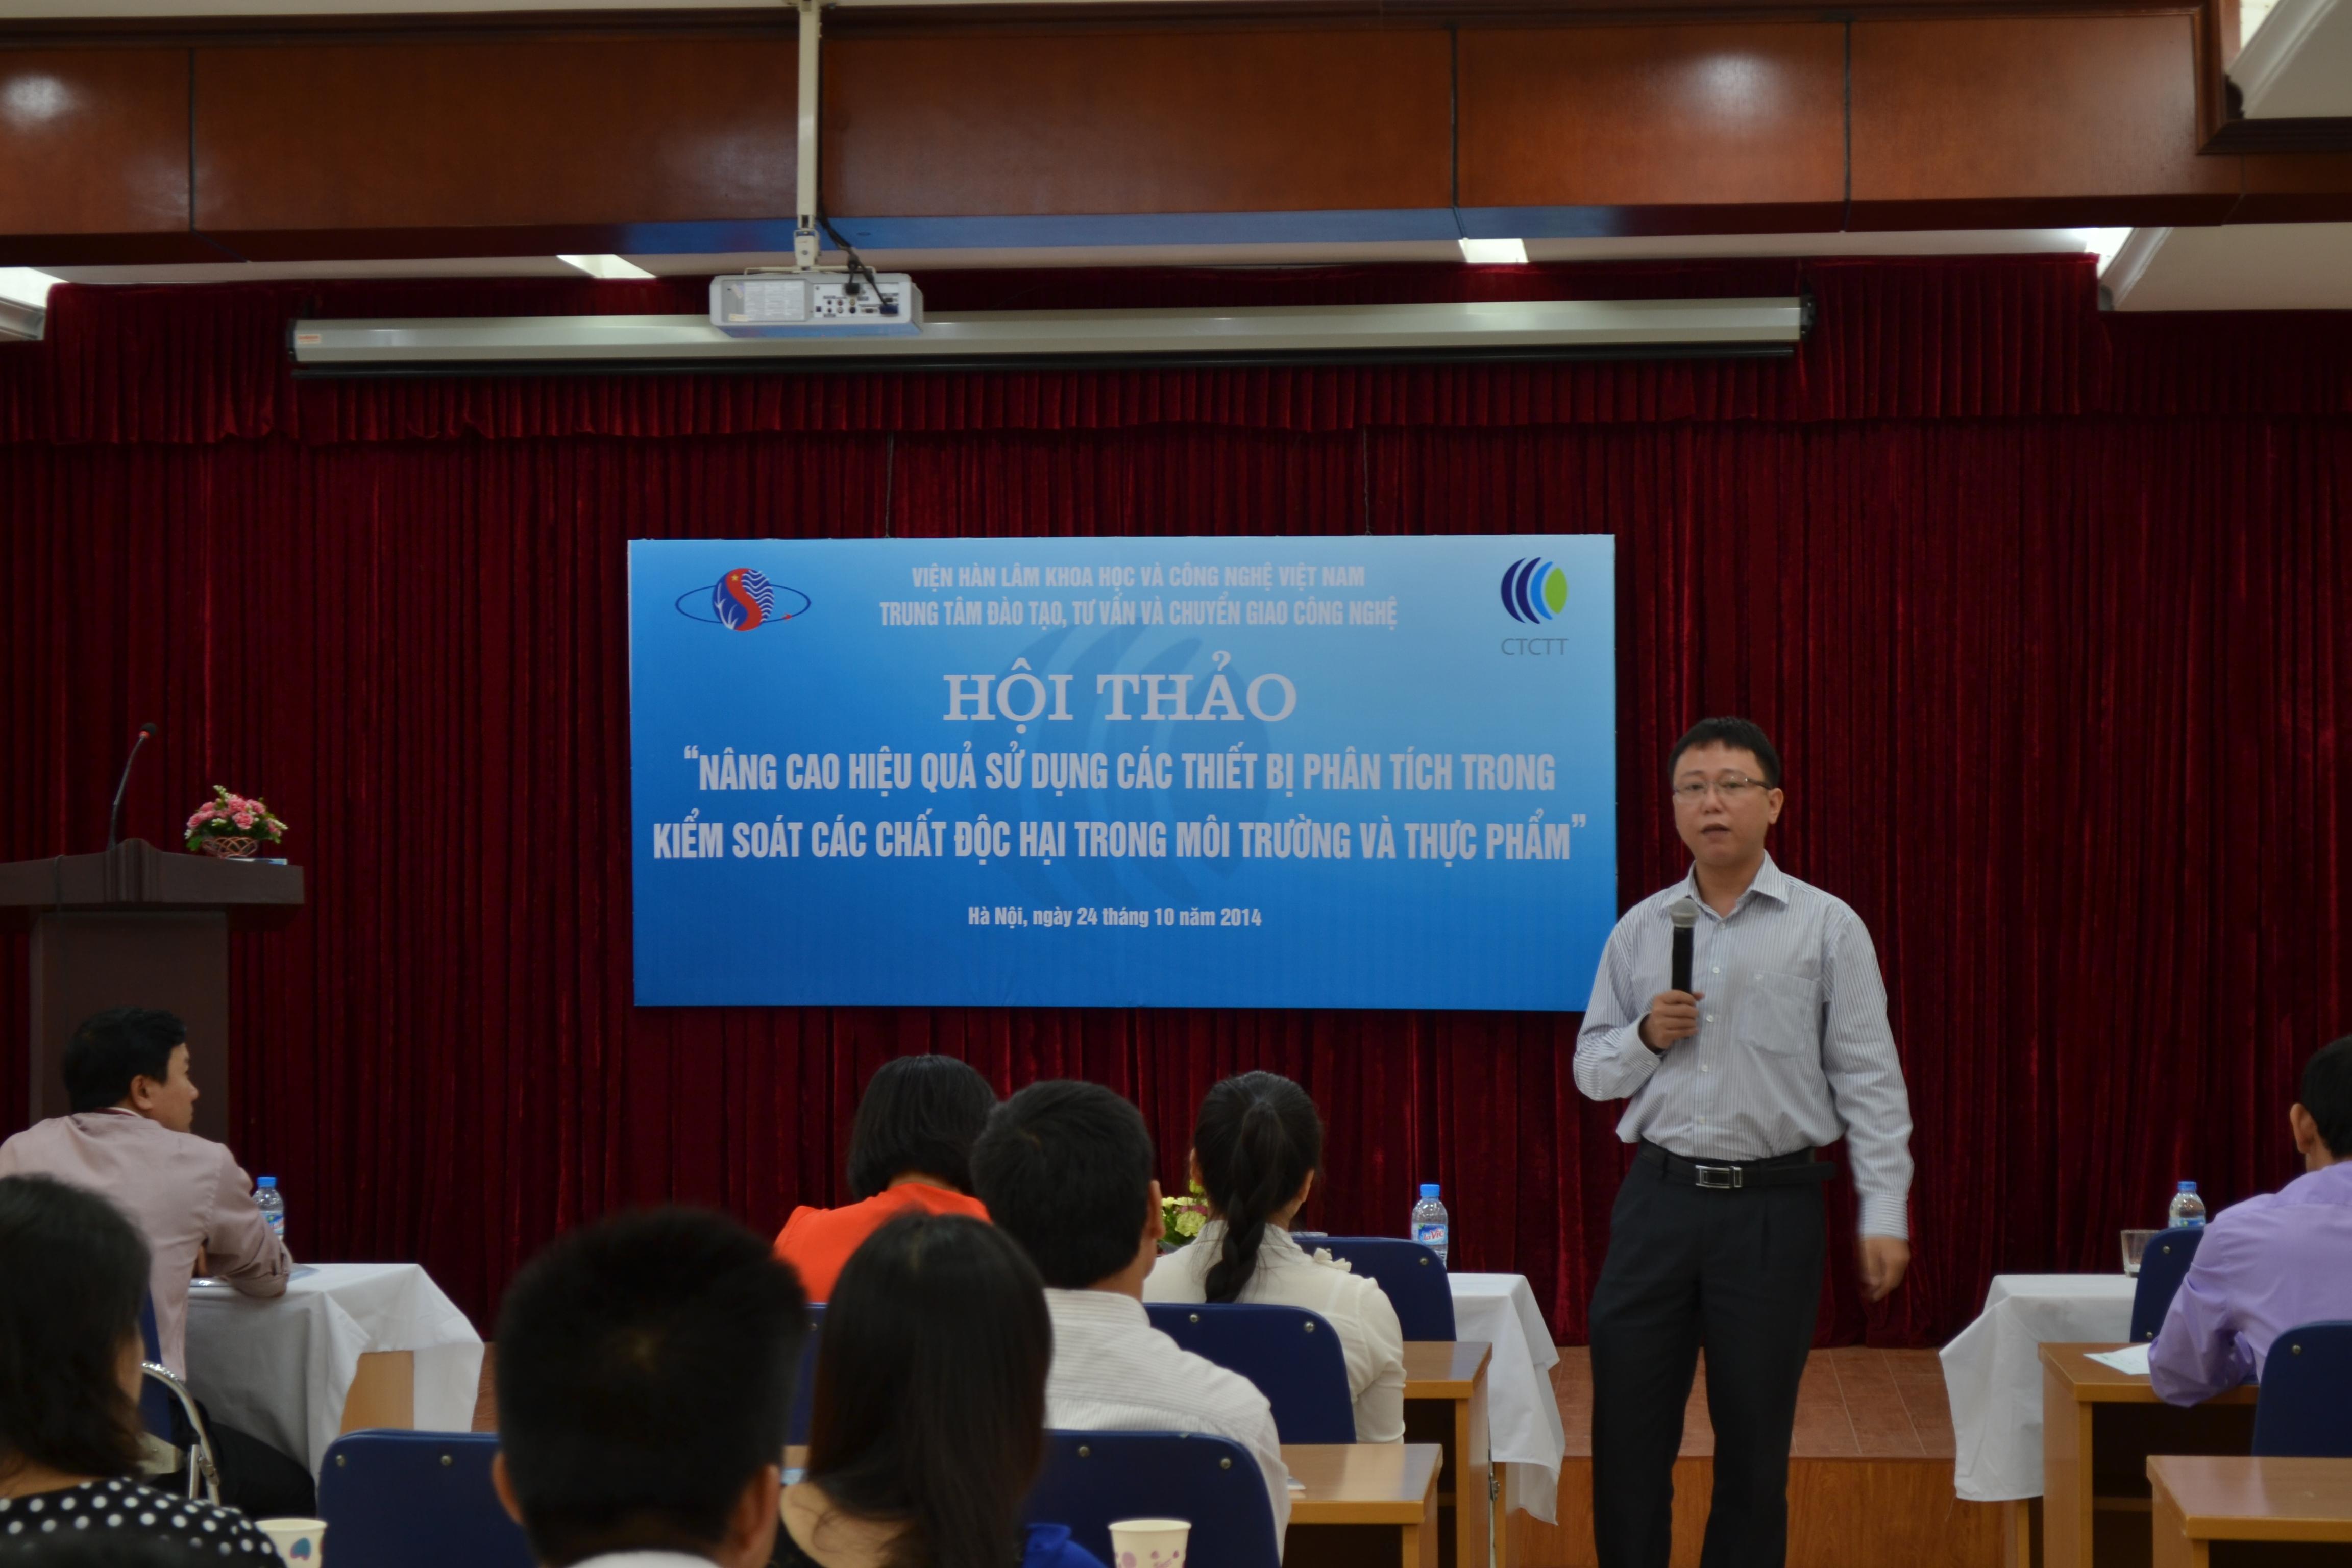 Góp ý và đề xuất xây dựng mới các Quy chuẩn kỹ thuật quốc gia về An toàn thực phẩm